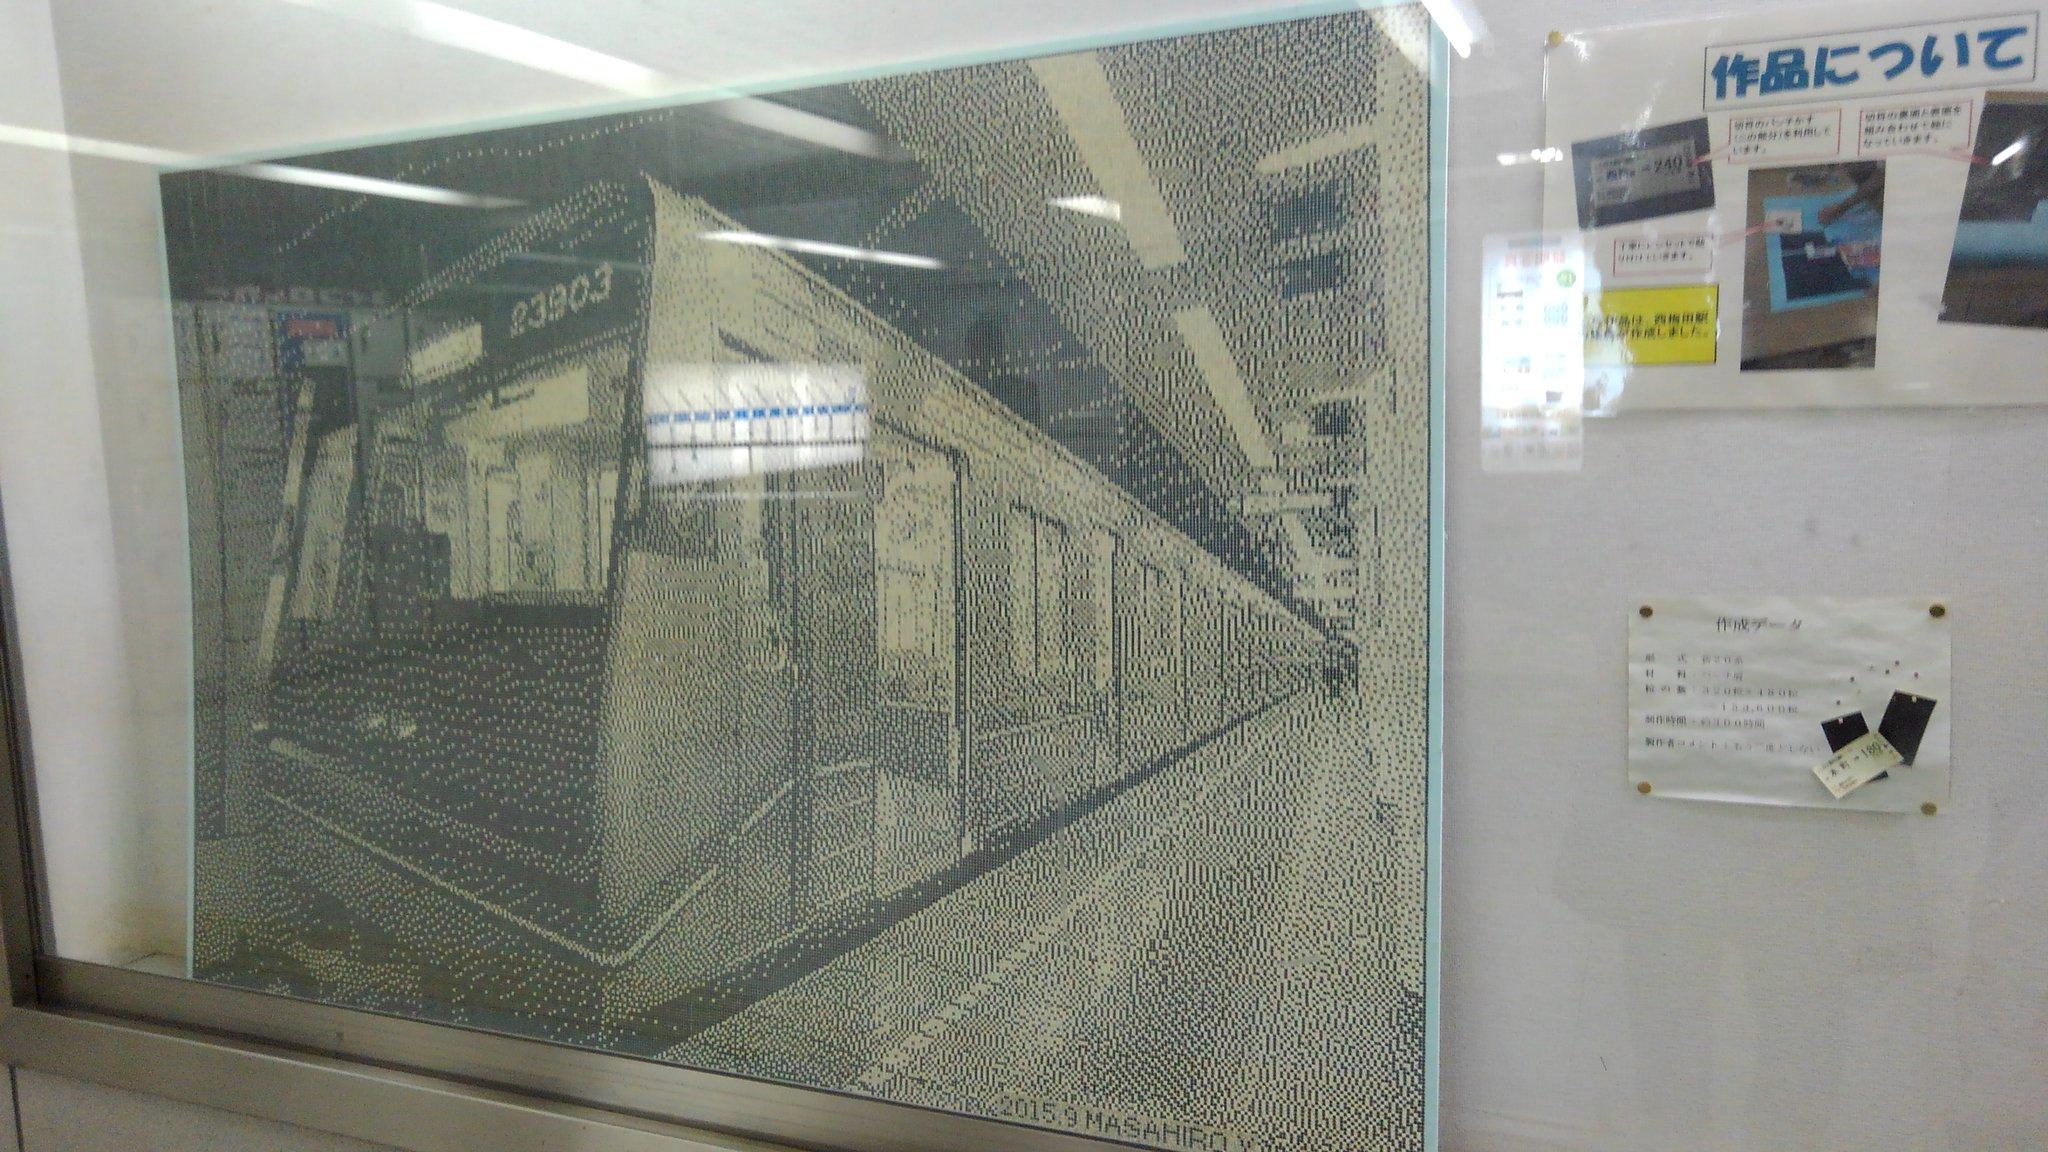 西梅田駅の駅員さんすごい 改札に切符通したときに切り落とす丸いとこを集めてアートにしたそうです ぜひ生で見てほしい